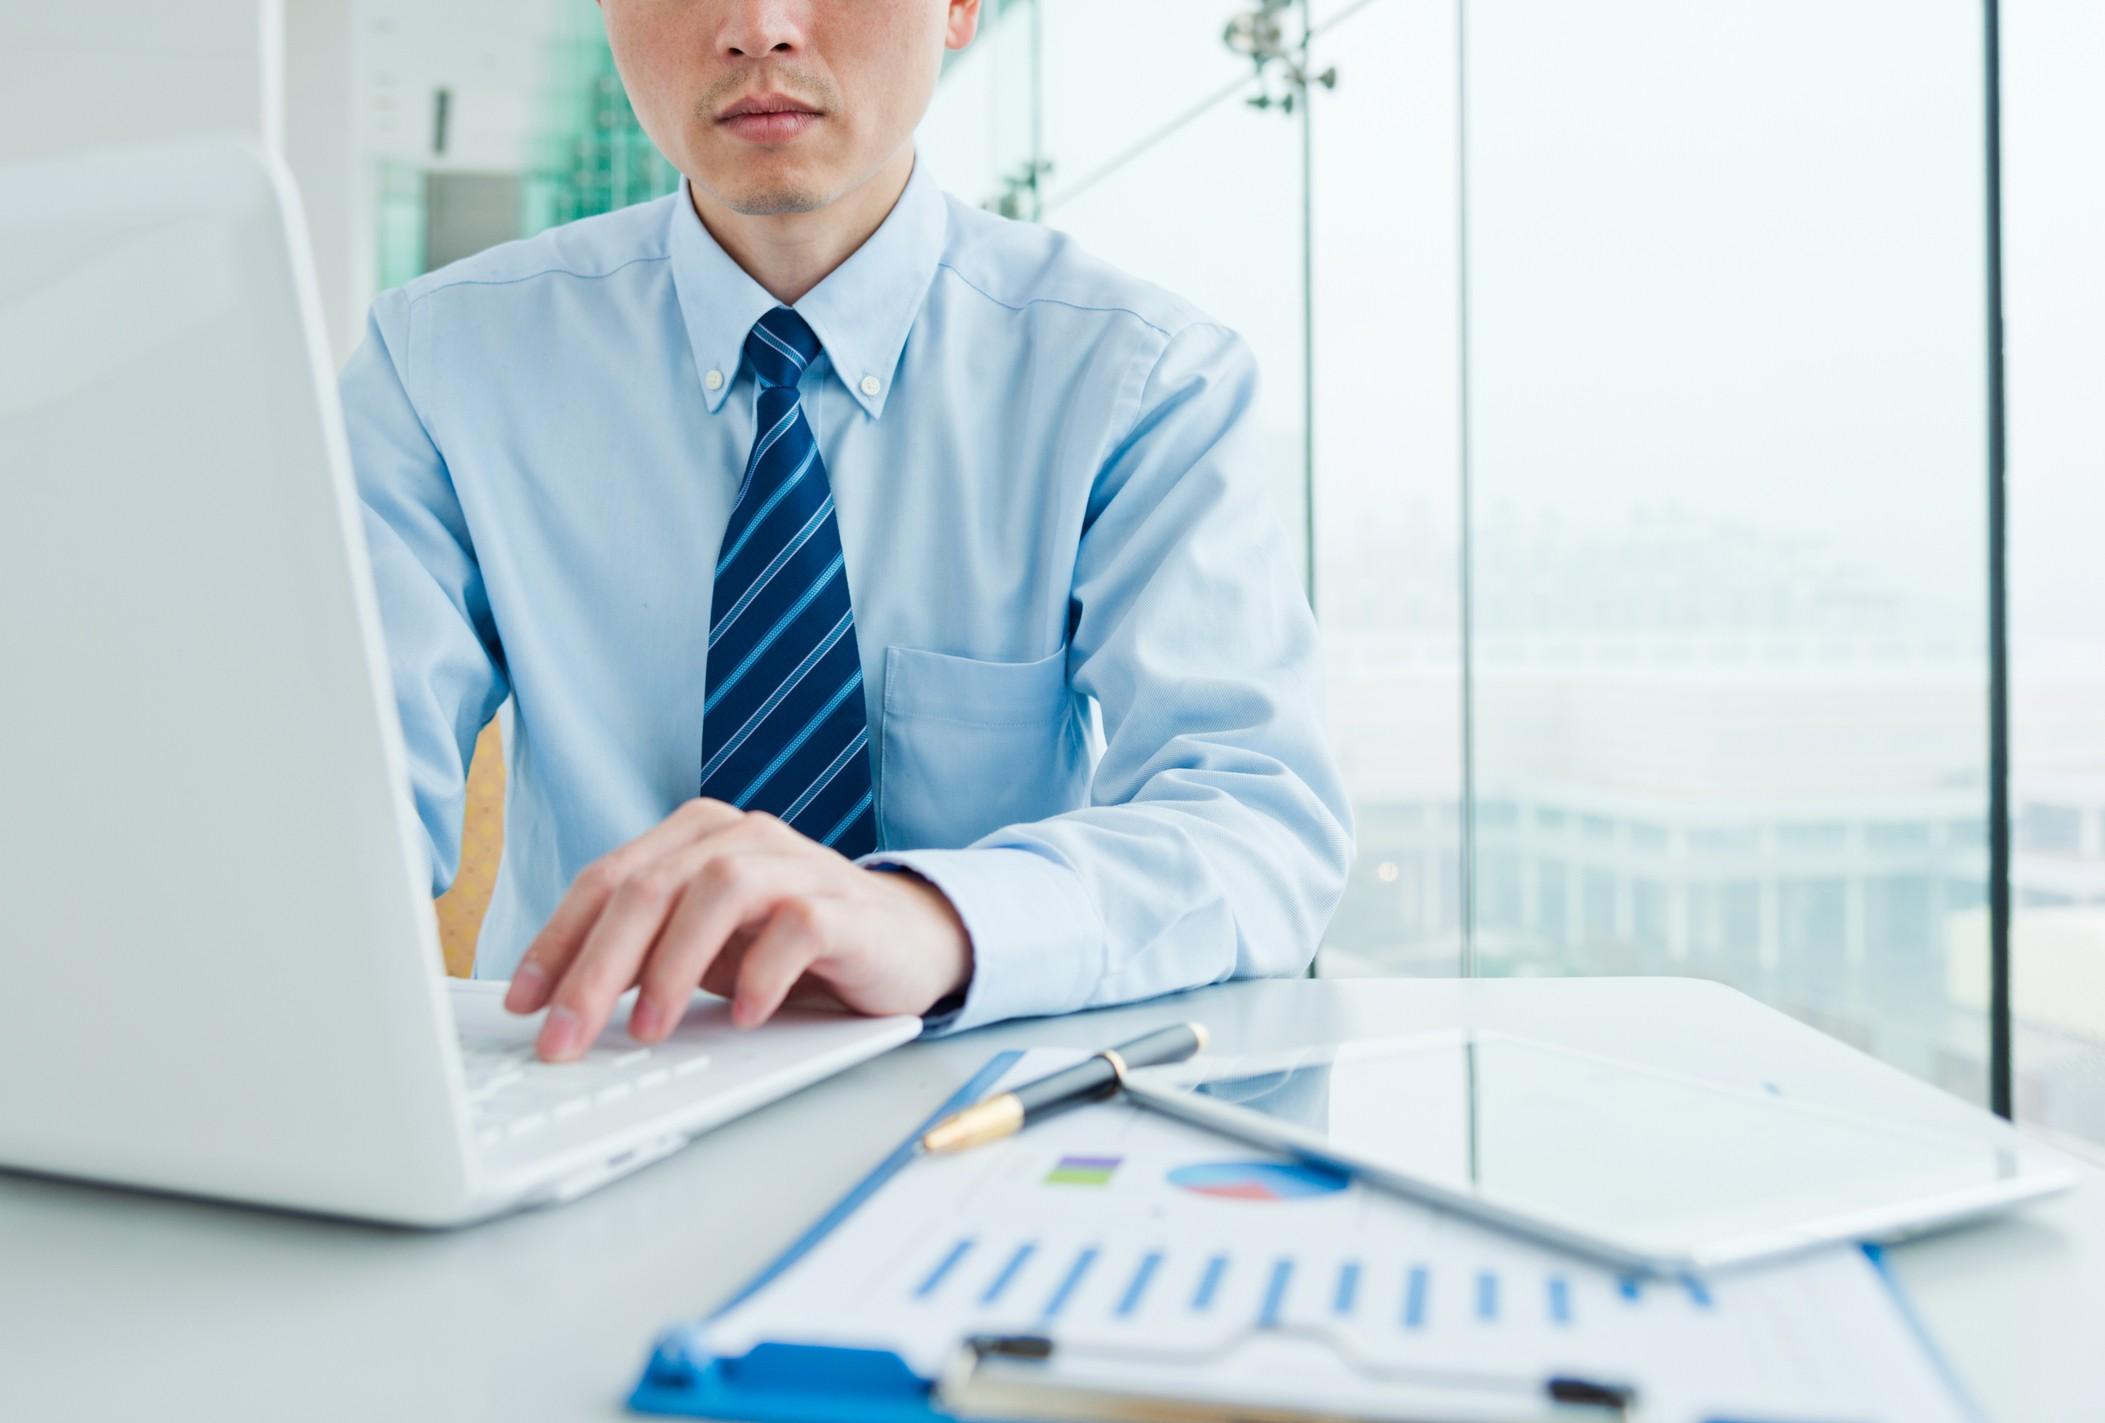 ERP Para Gestão Financeira: Entenda O Que é E Qual Sua Importância